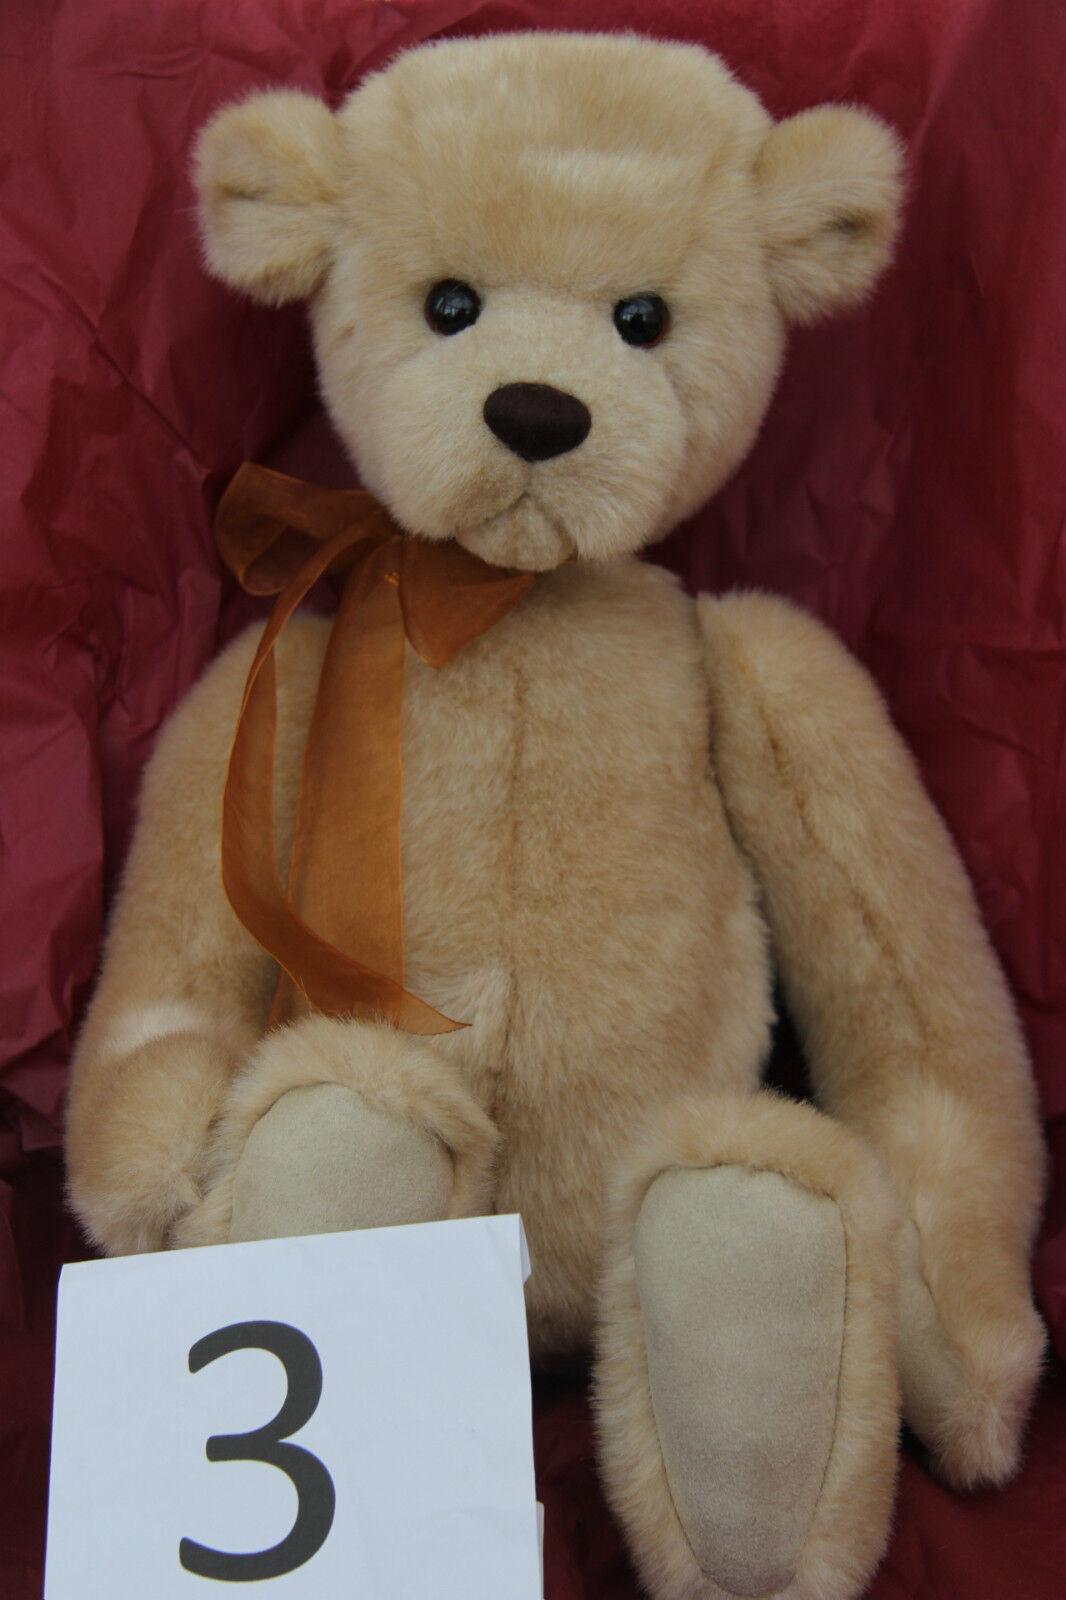 Charlie bears Teddybär Remember Klassisches Plüsch Teddybär bears - NEU mit Etikett 611eee